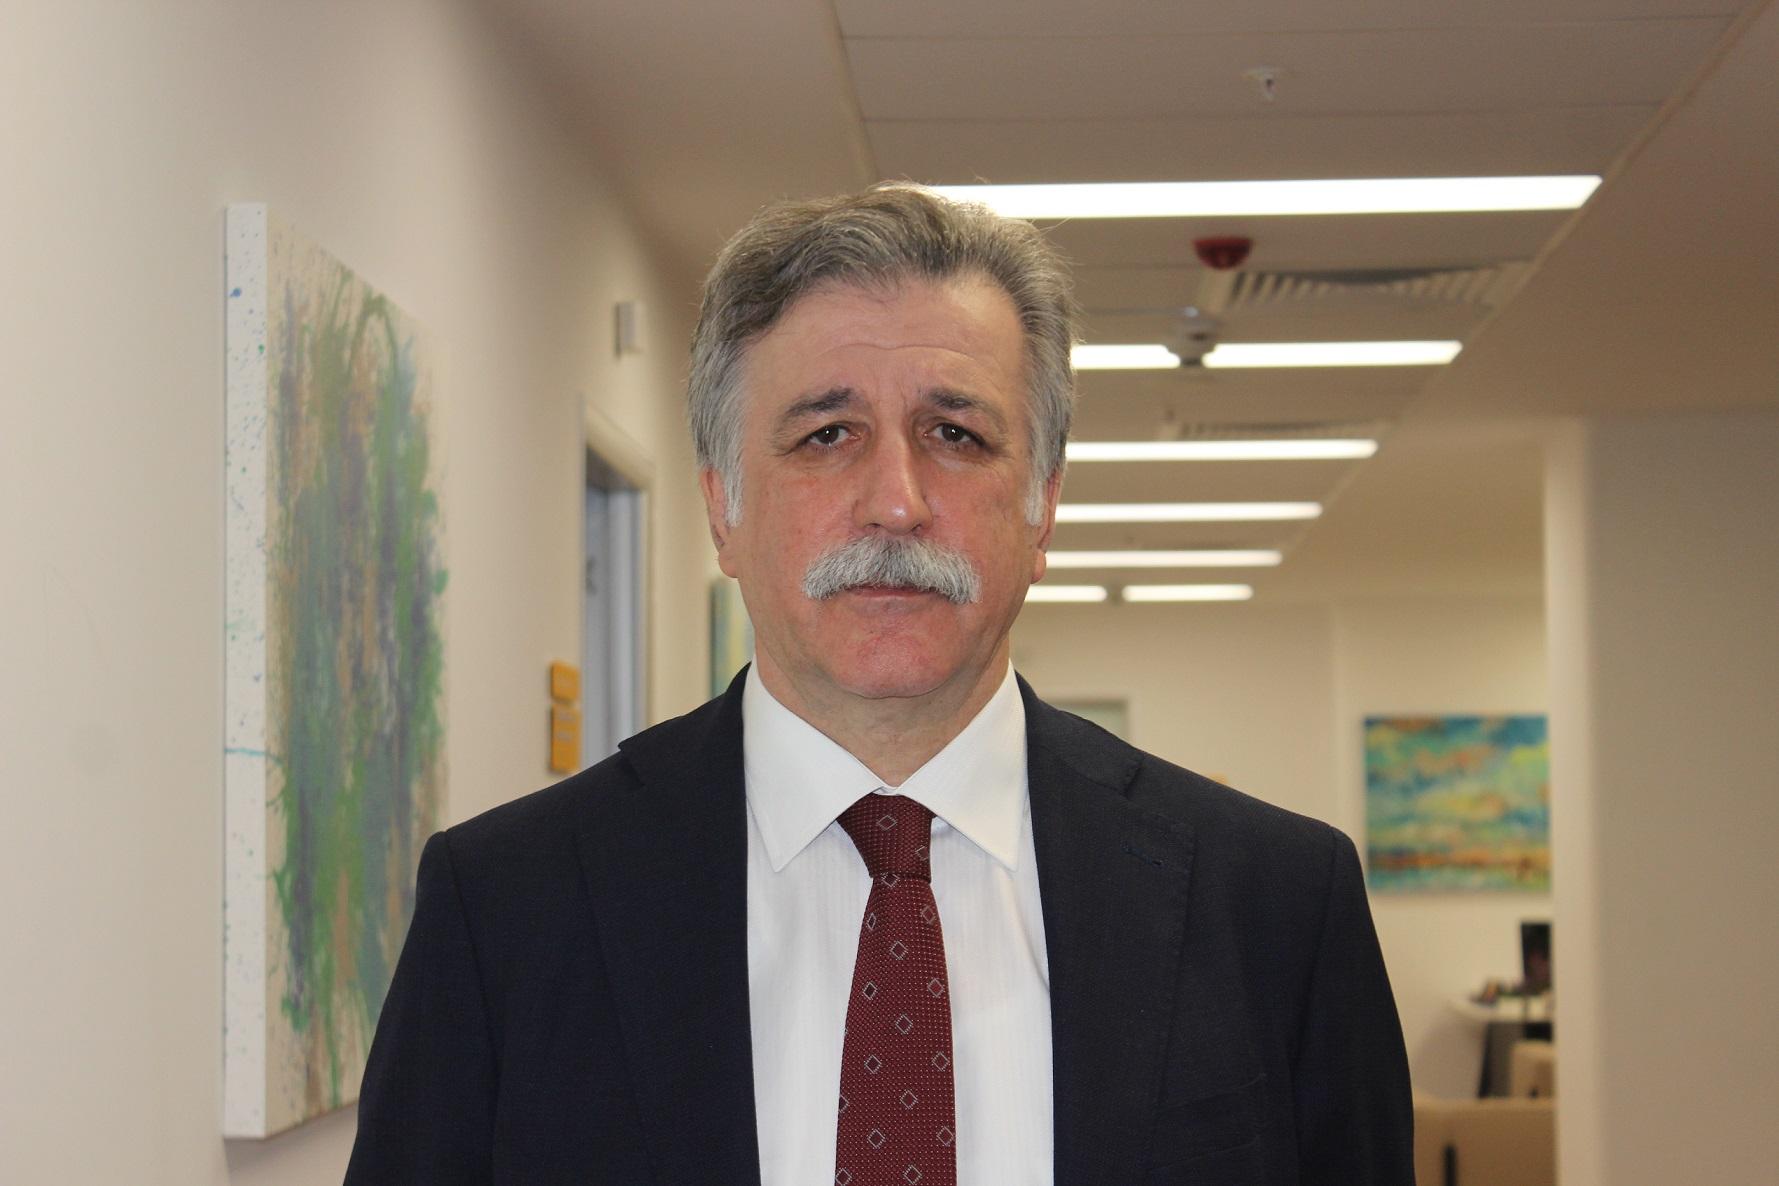 Dünyanın önde gelen hekimleri Beyin Cerrahı Prof. Dr. Gazi Yaşargil onuruna Türkiye'ye geliyor